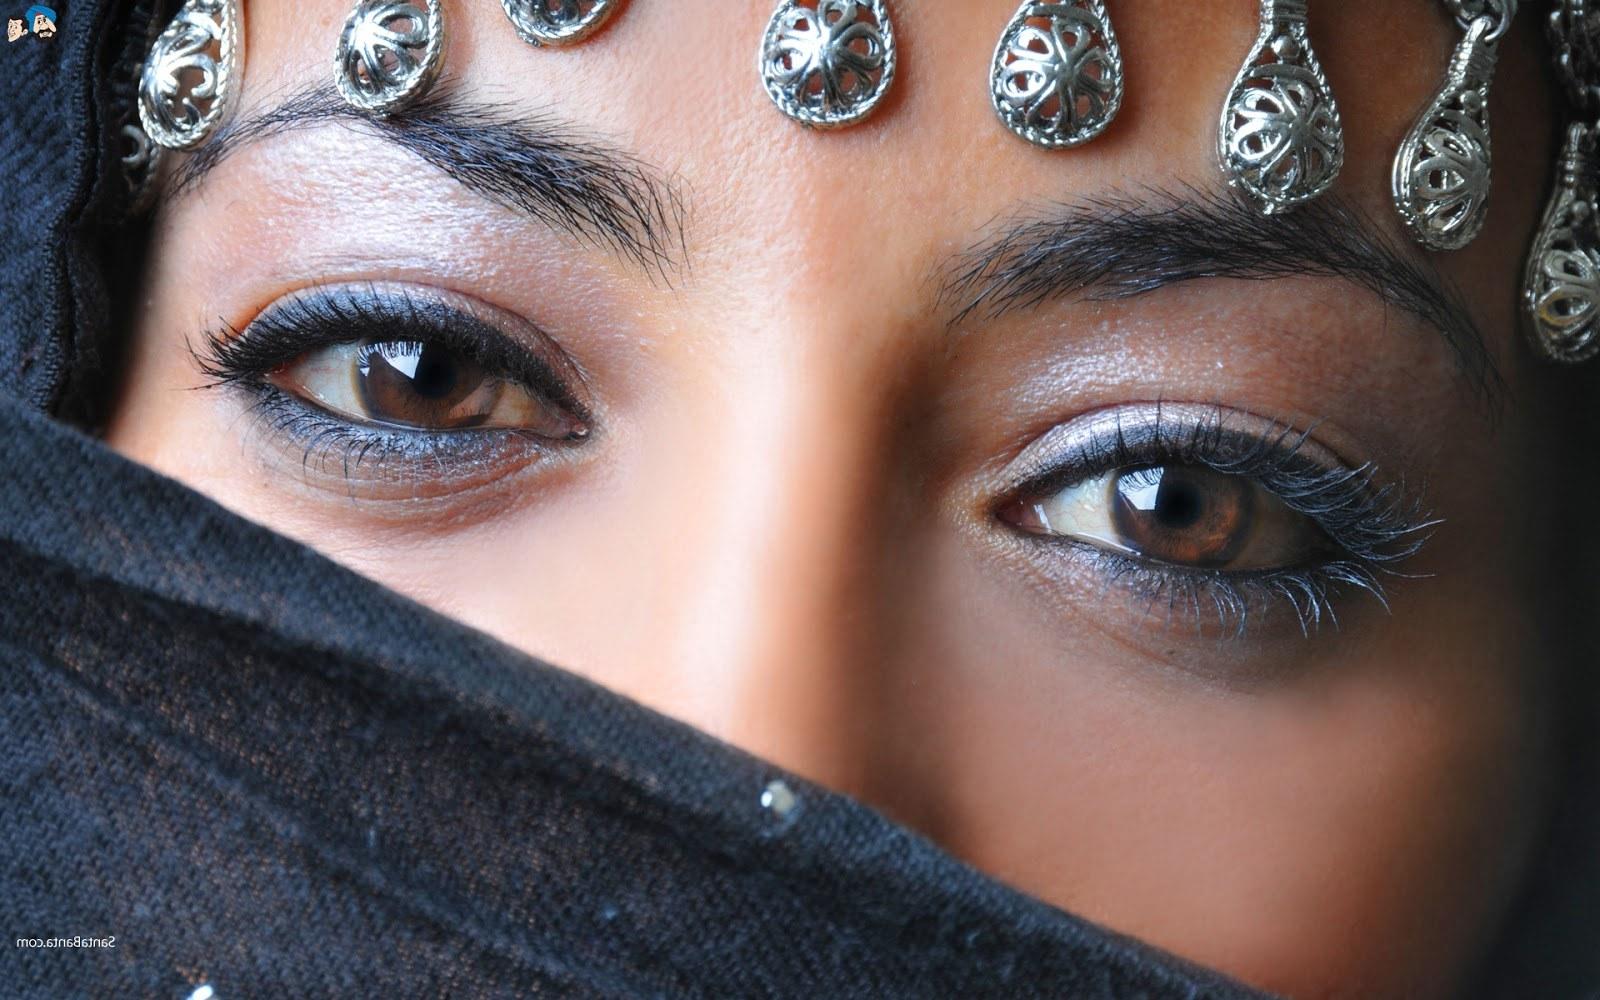 Ide Muslimah Bercadar Xtd6 Sebuah Dunia Kecilku Wallpaper Wanita Cantik Muslimah